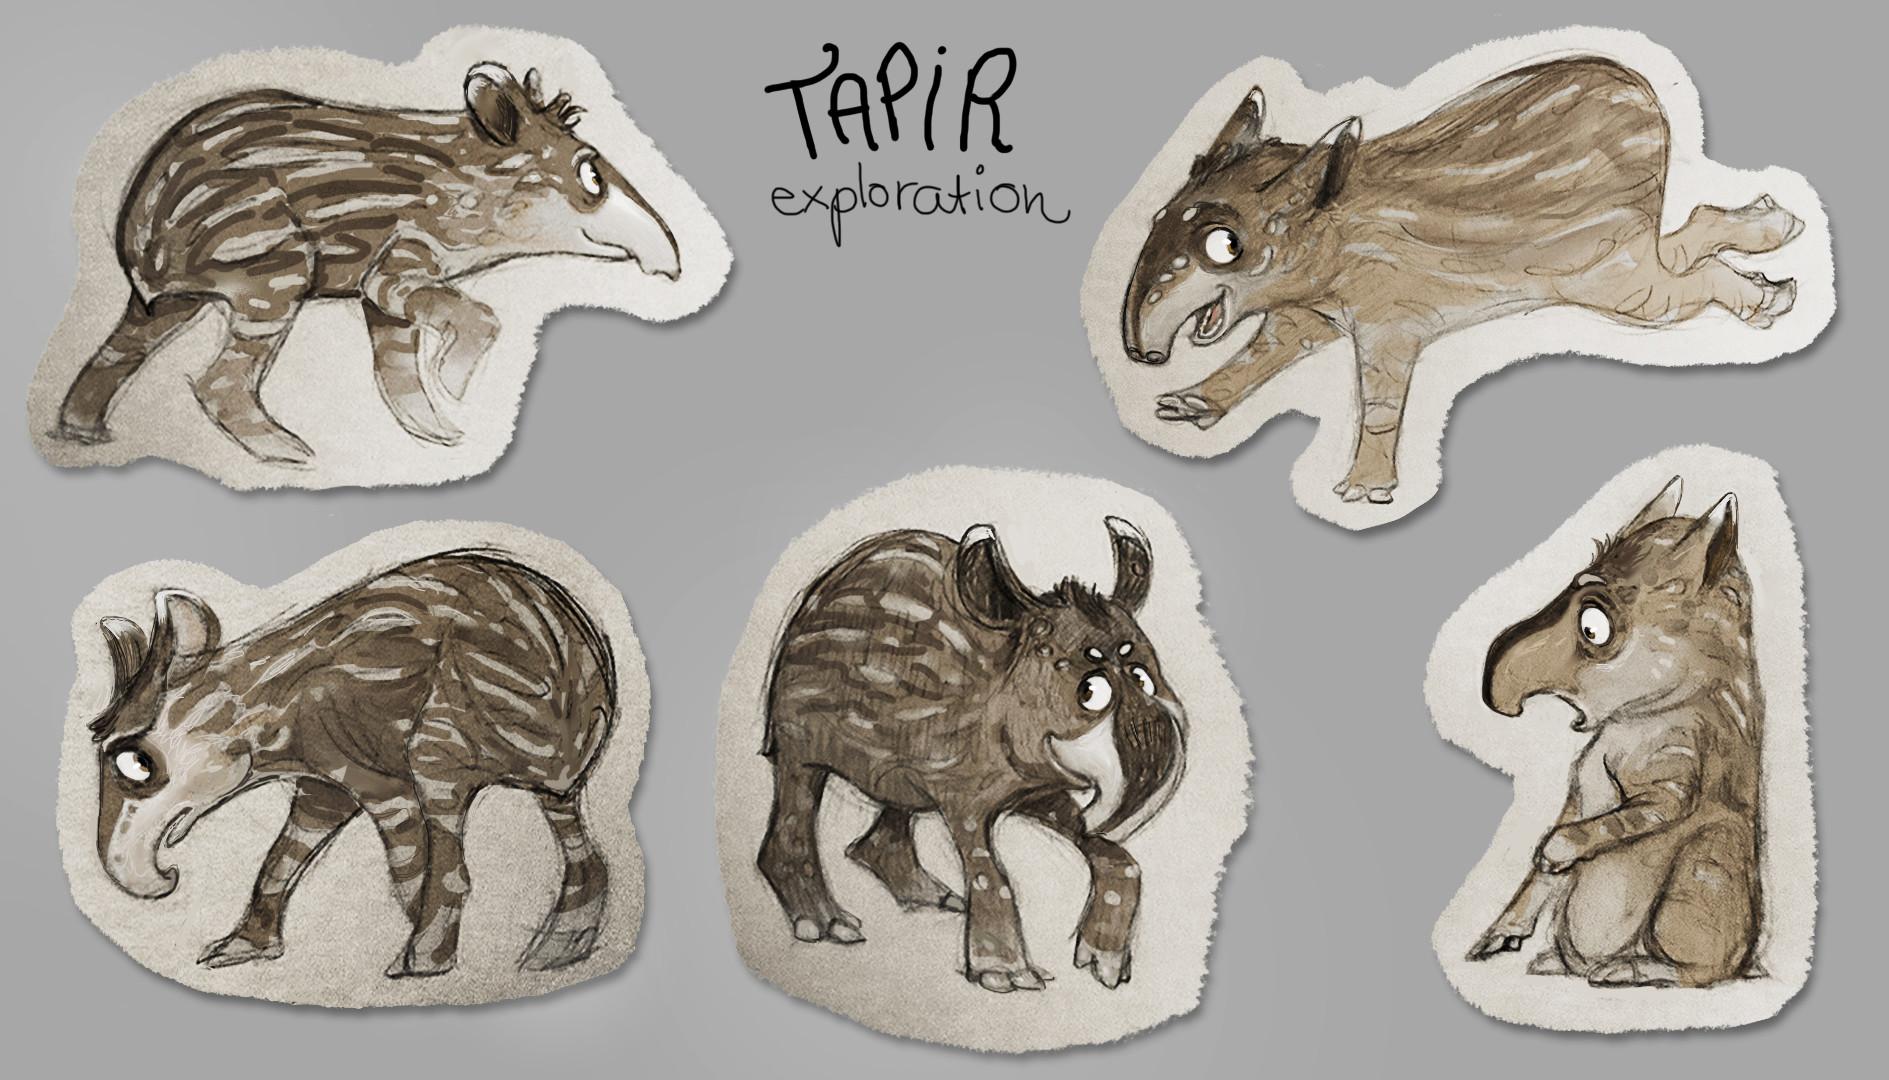 Vivien lulkowski tapirbabies